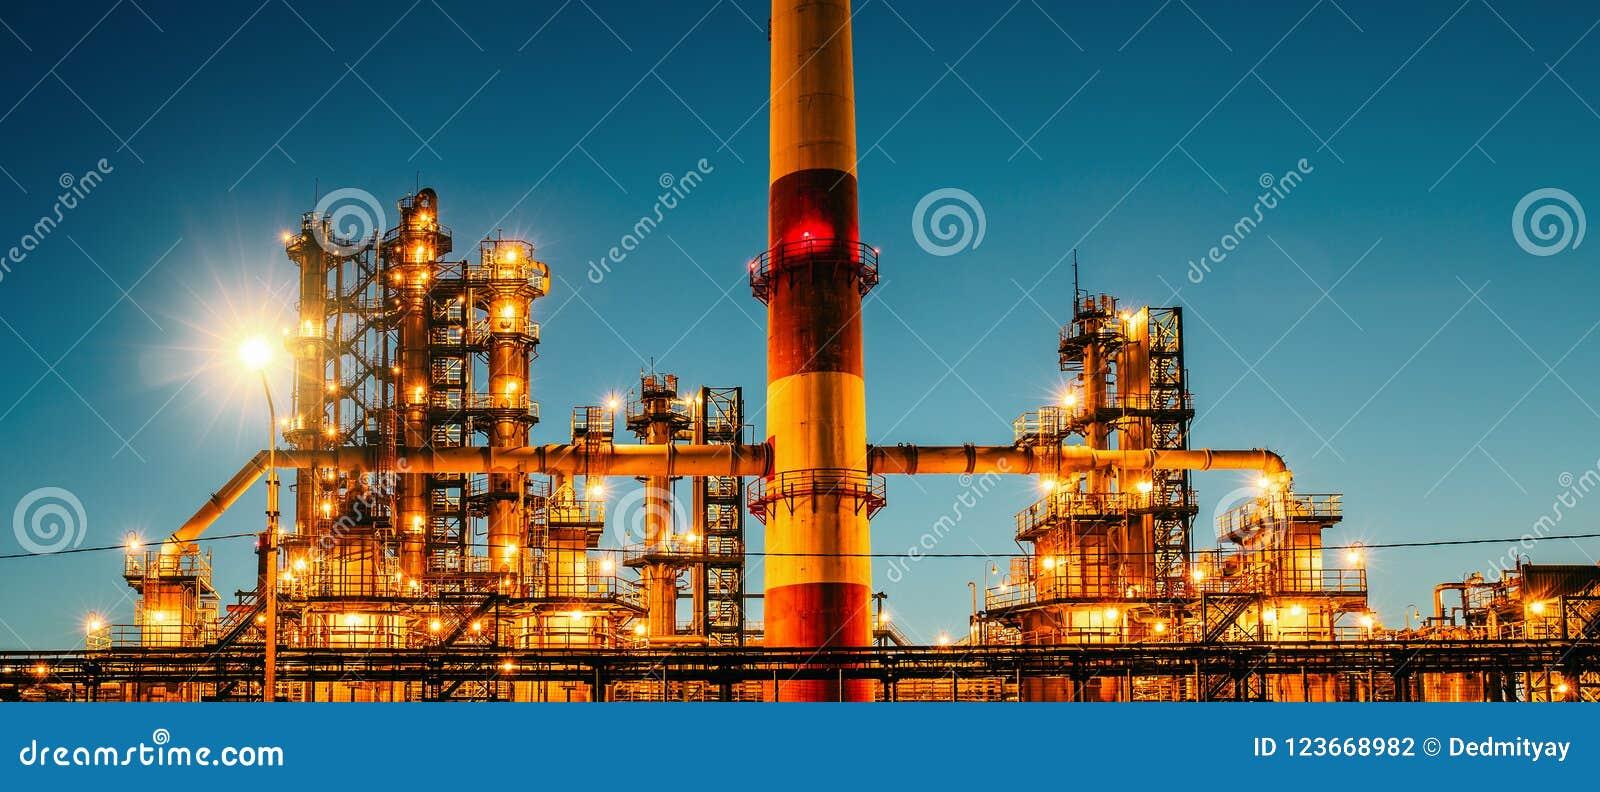 Planta industrial ou fábrica da refinaria de petróleo no por do sol, nos tanques da destilaria do armazenamento e no encanamento